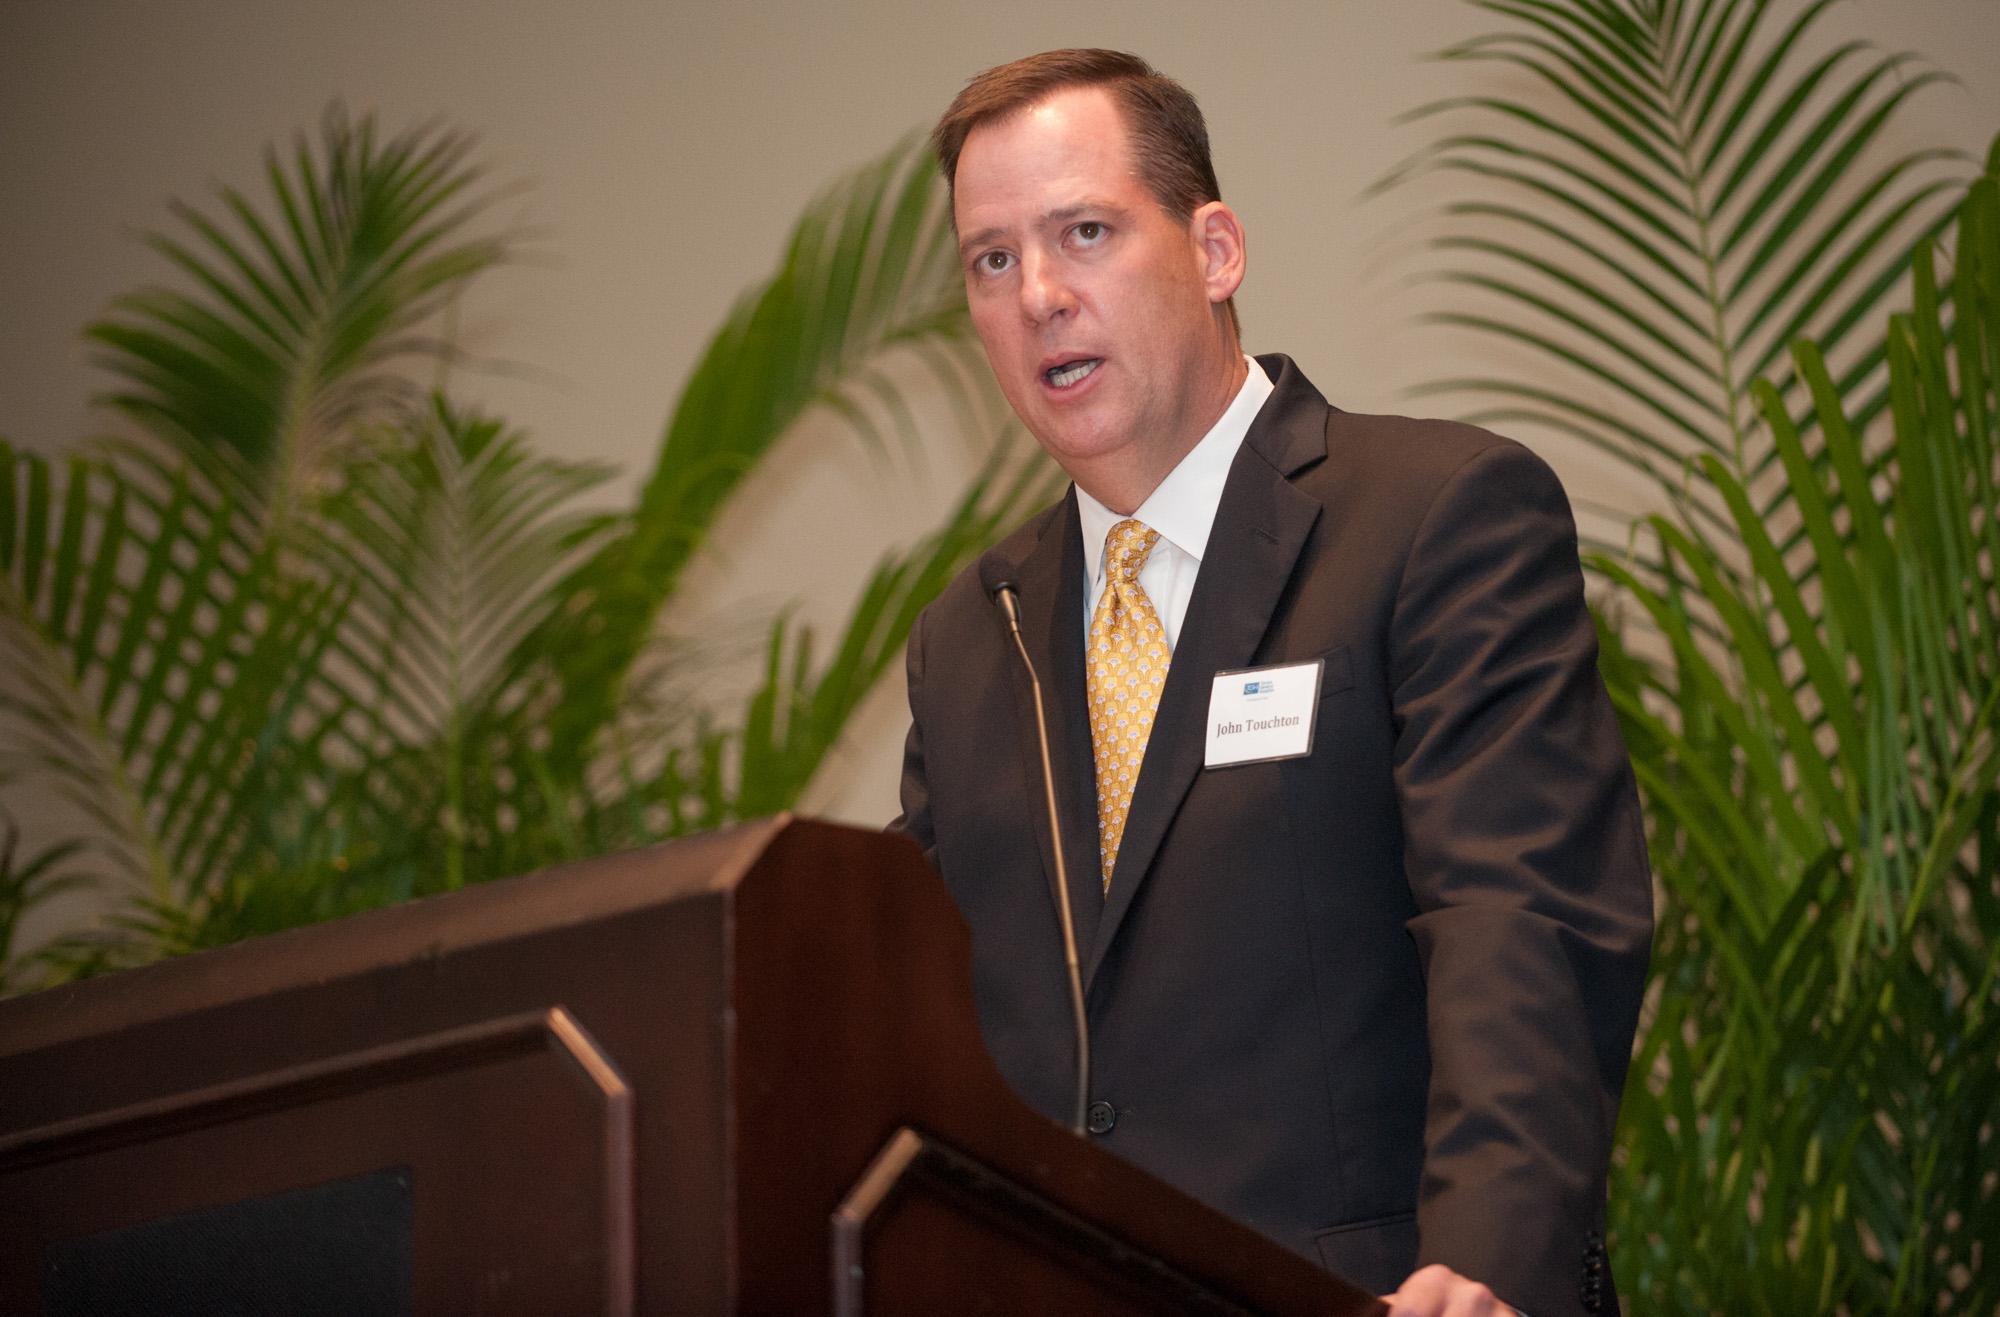 John T. Touchton, Jr. speaks during the TGH Foundation dinner.